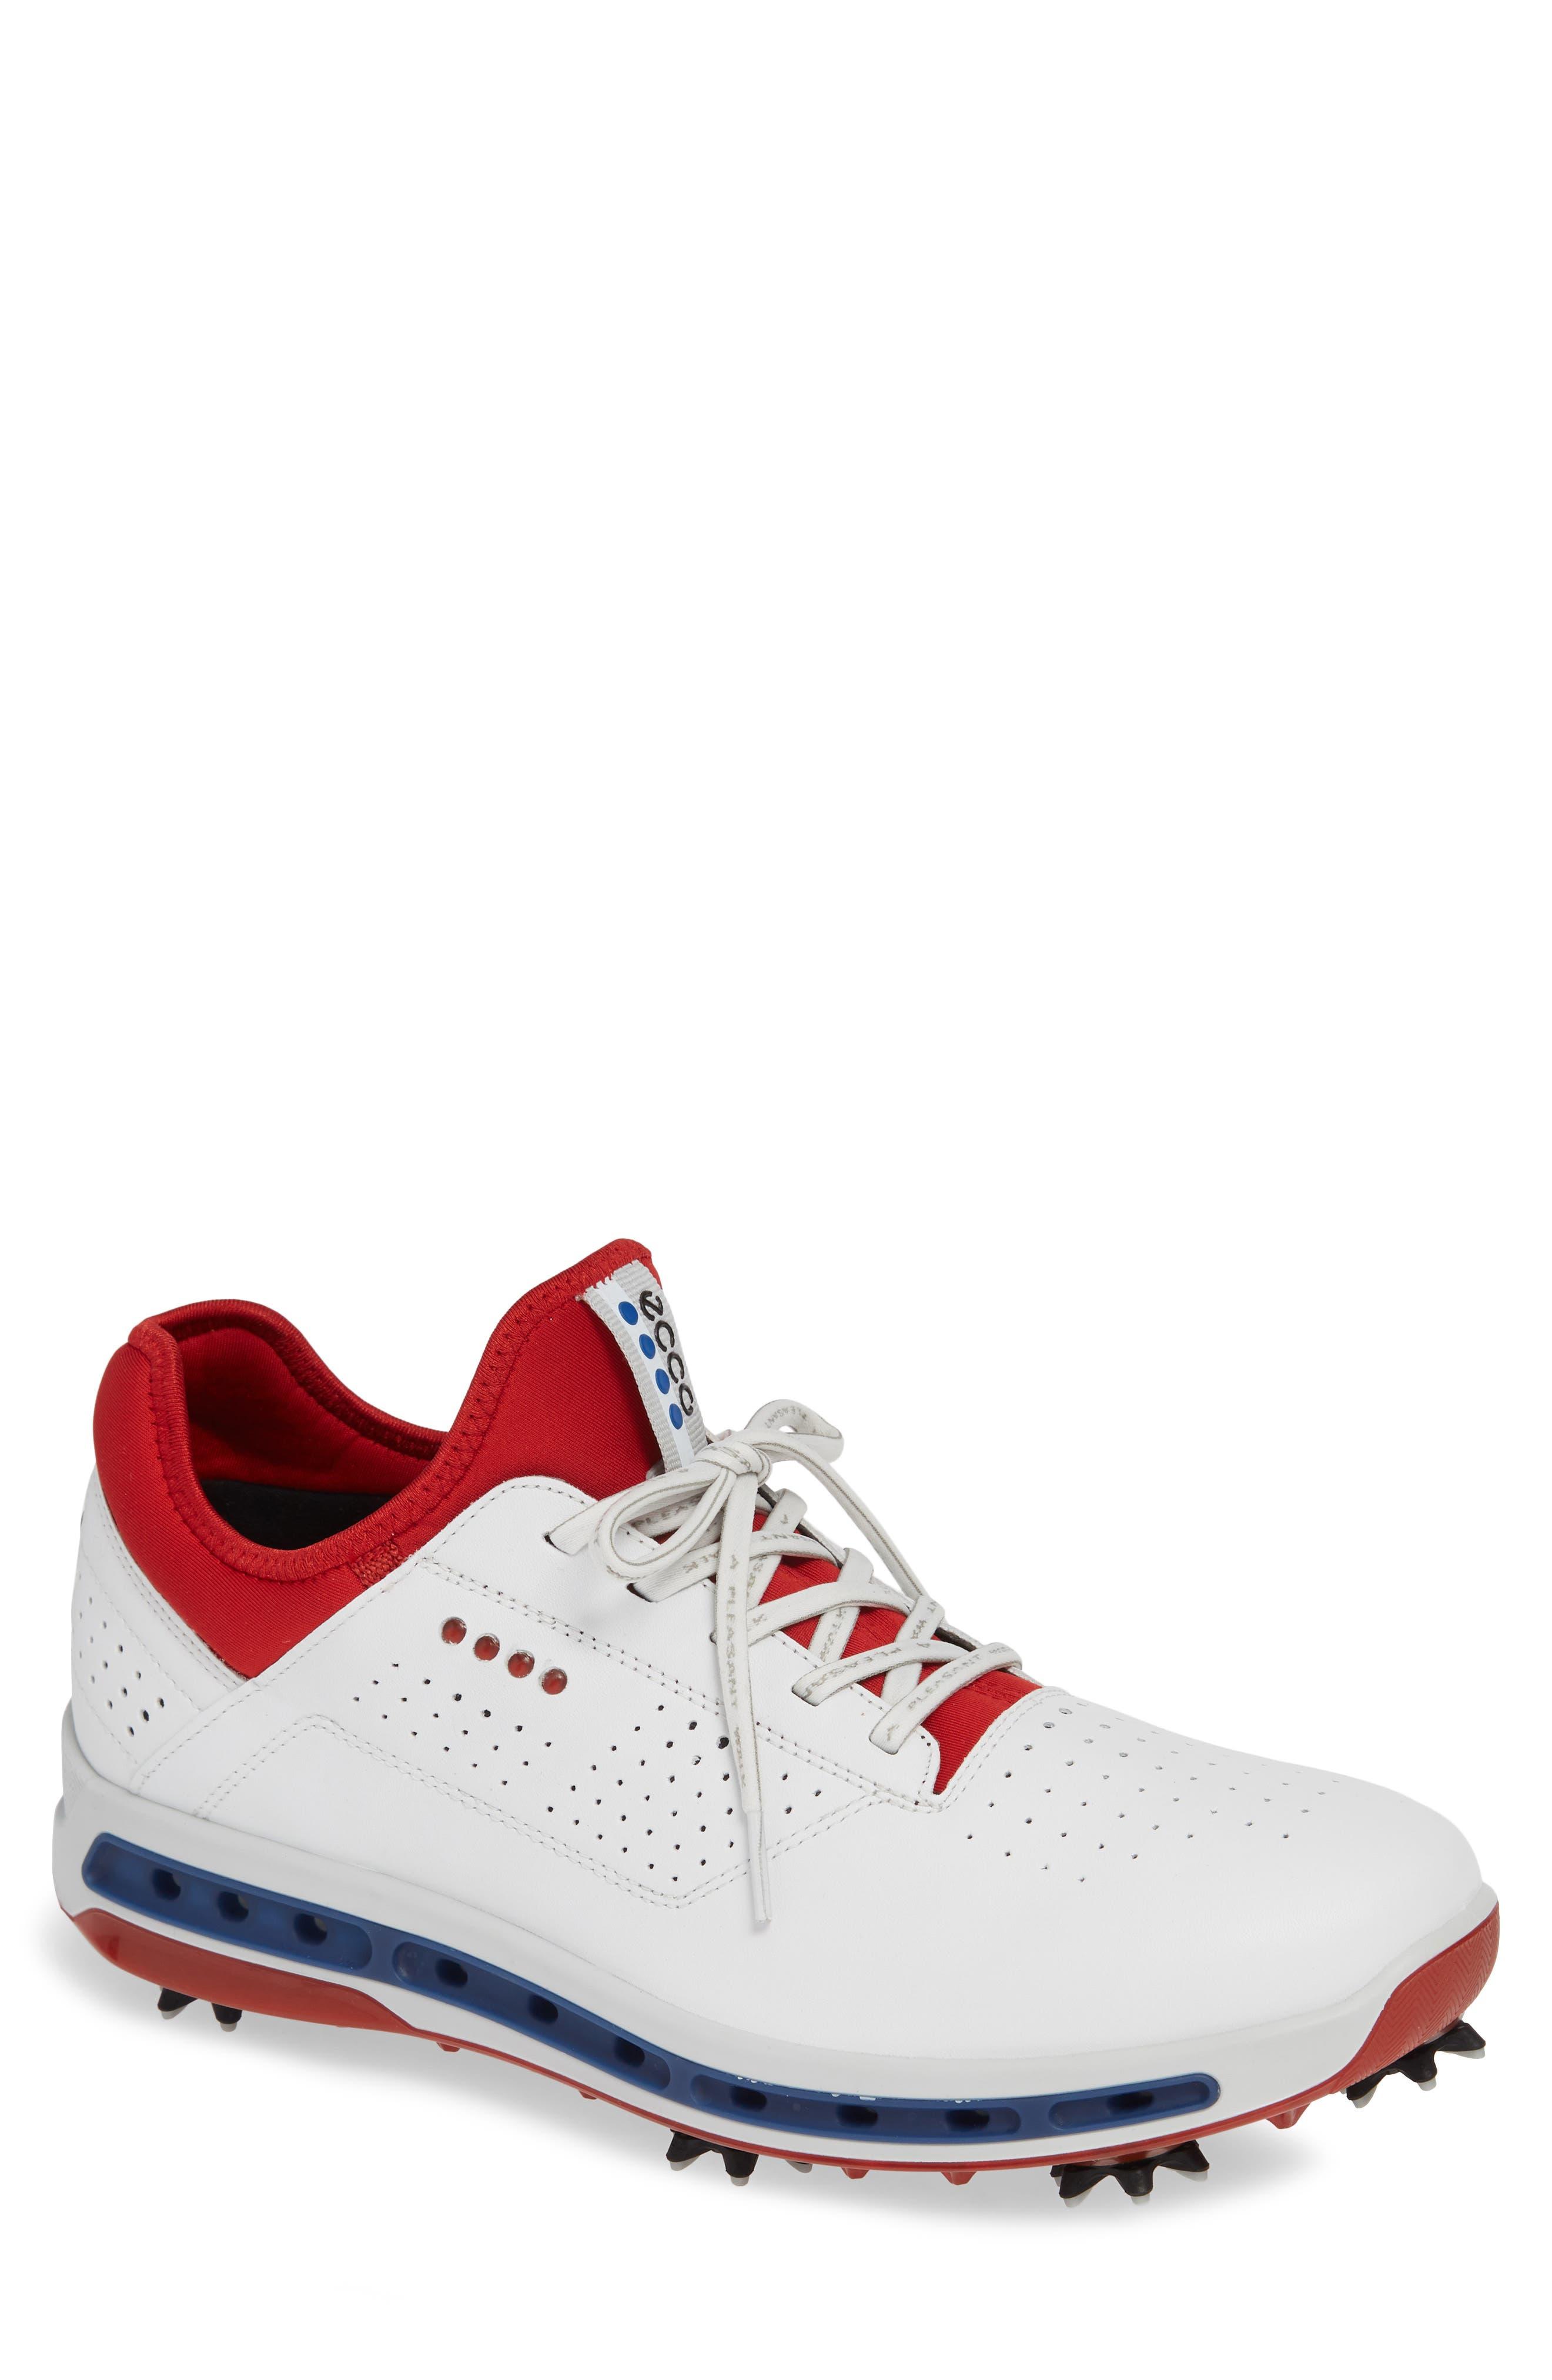 Cool 18 Gore-Tex Golf Shoe,                         Main,                         color, WHITE/ TOMATO